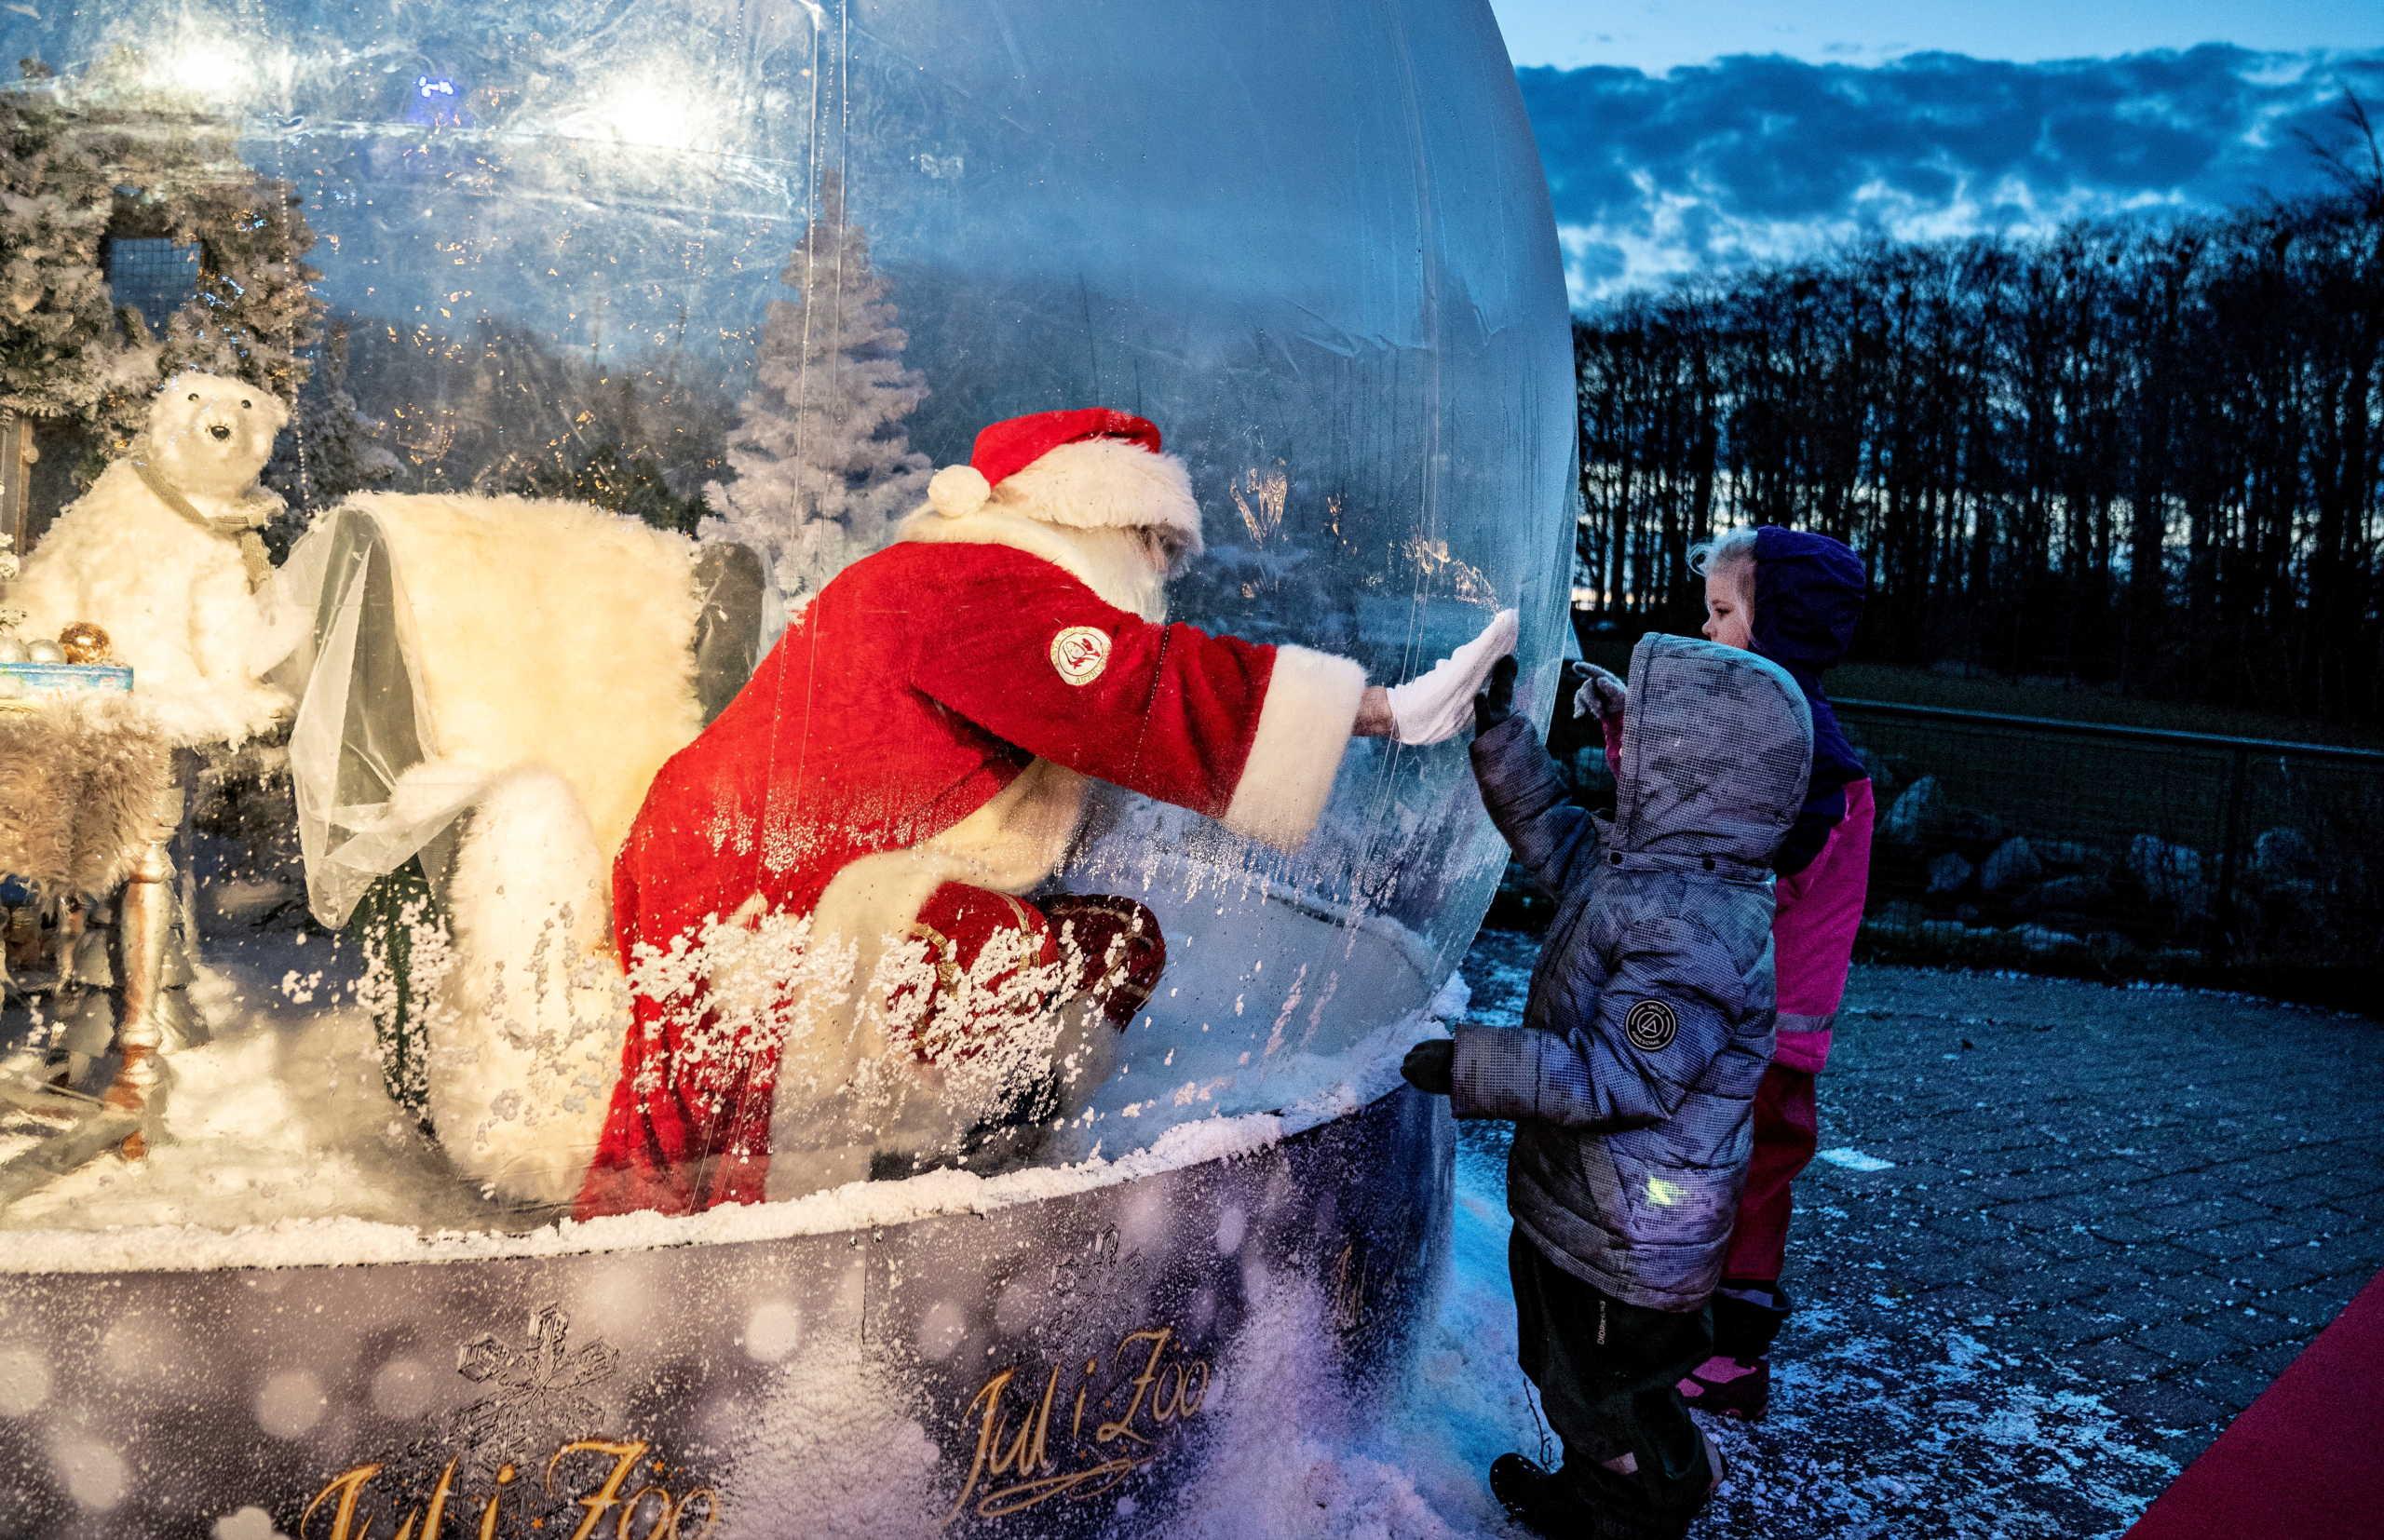 Γερμανία: Προειδοποιήσεις για επιδείνωση της πανδημίας λόγω Χριστουγέννων